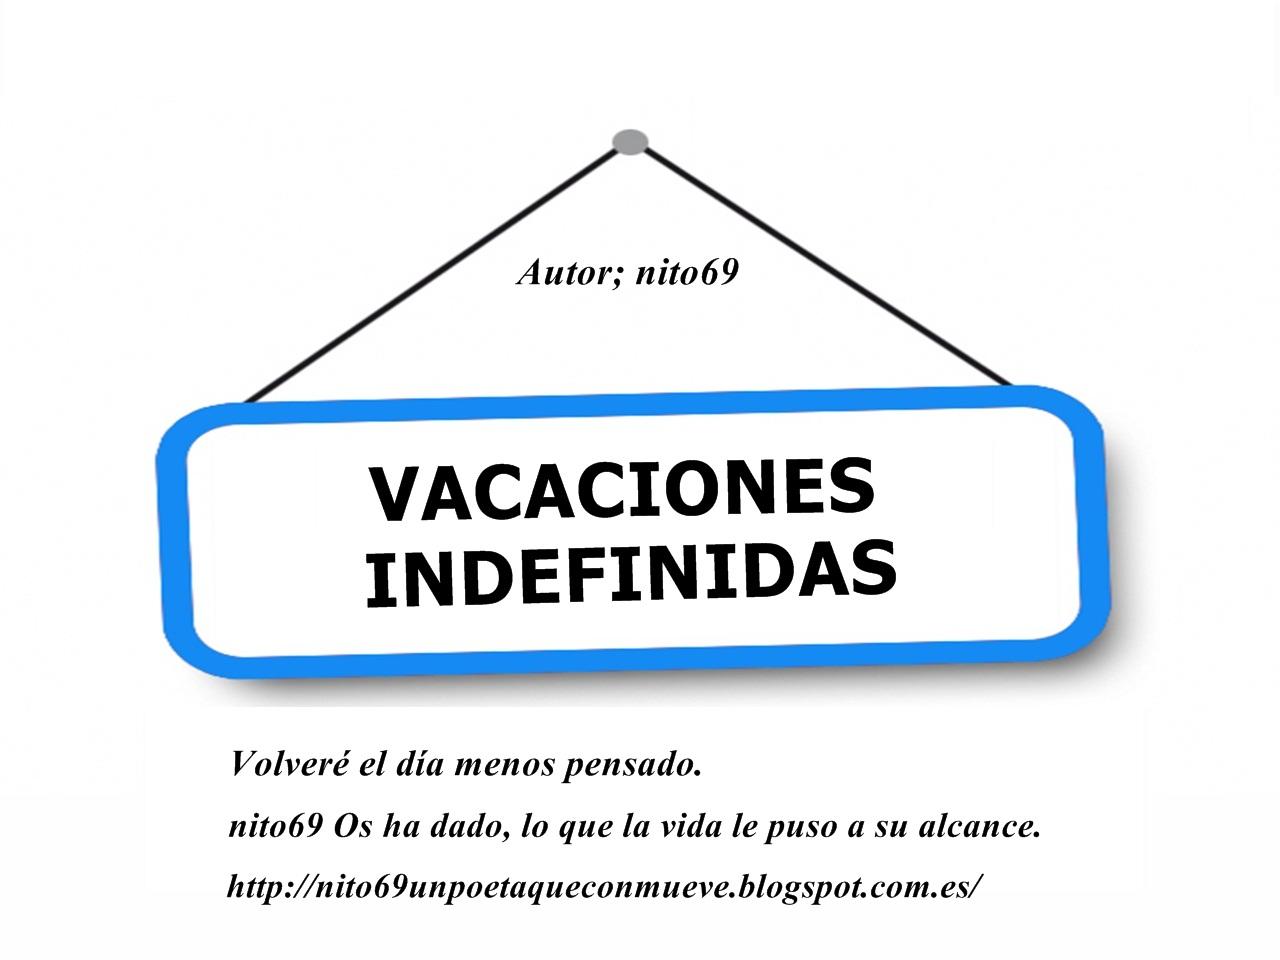 VACACIONES INDEFINIDAS